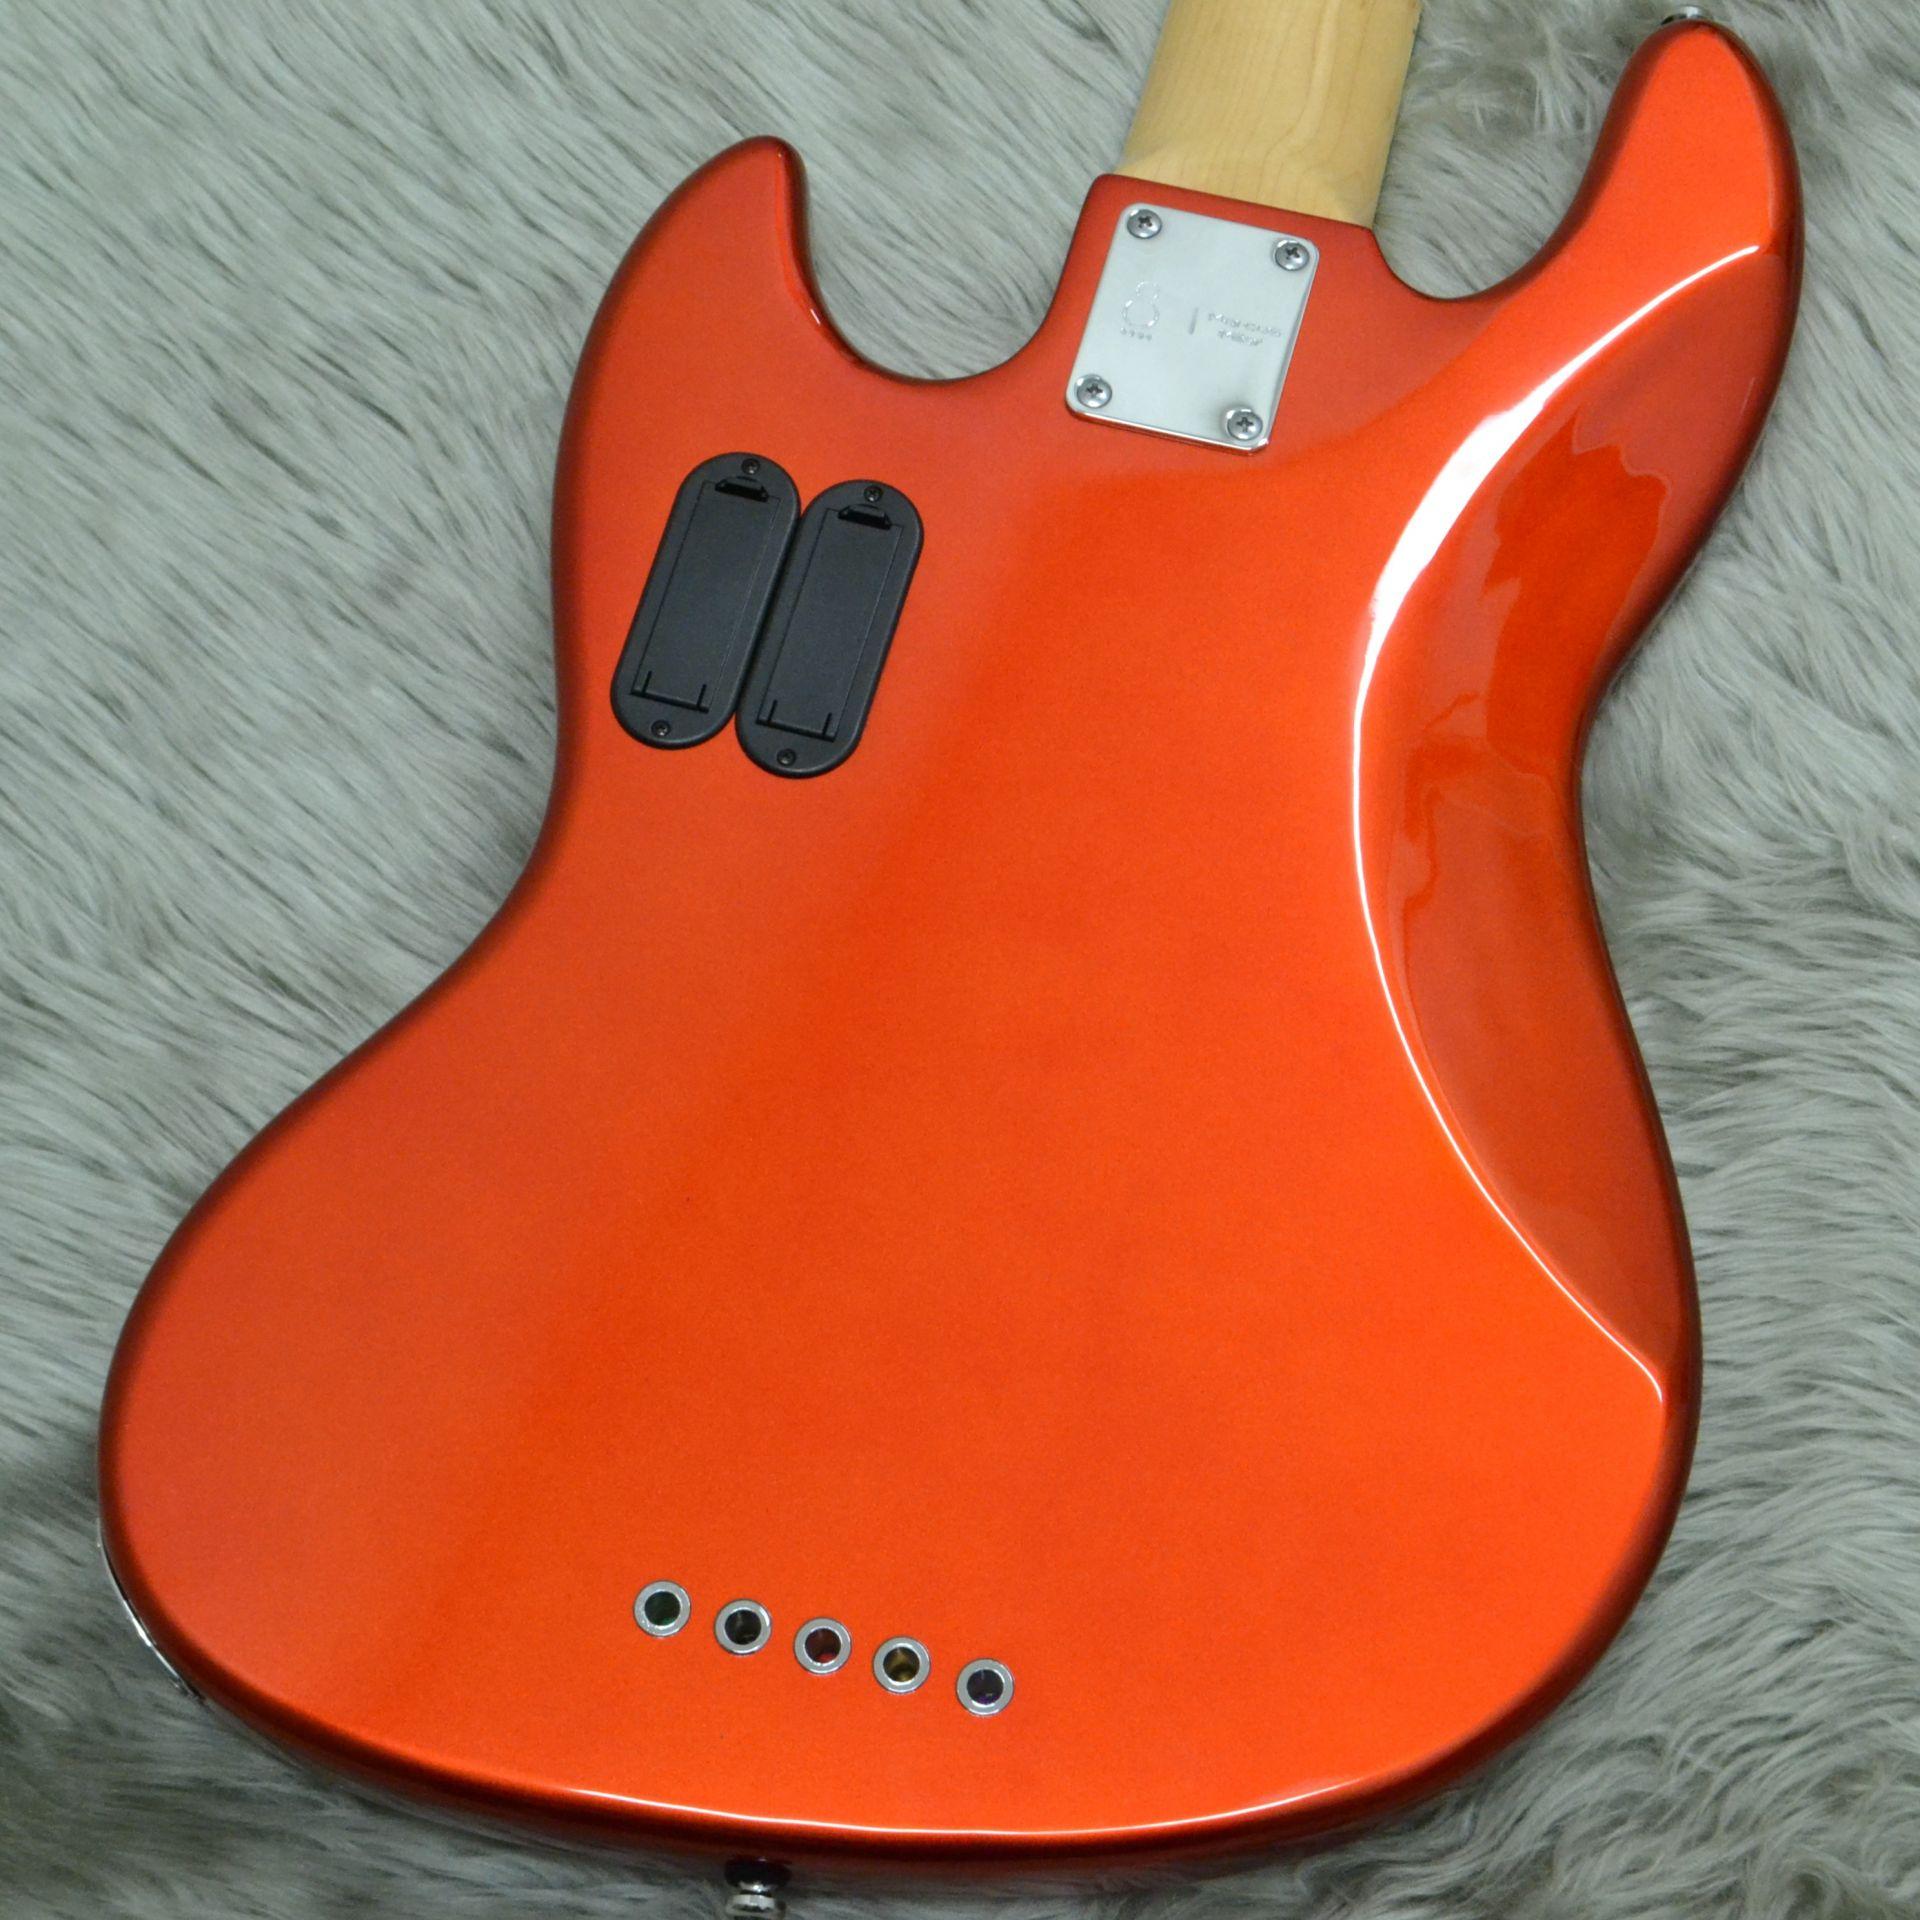 V7-5st/S.Ashのヘッド画像